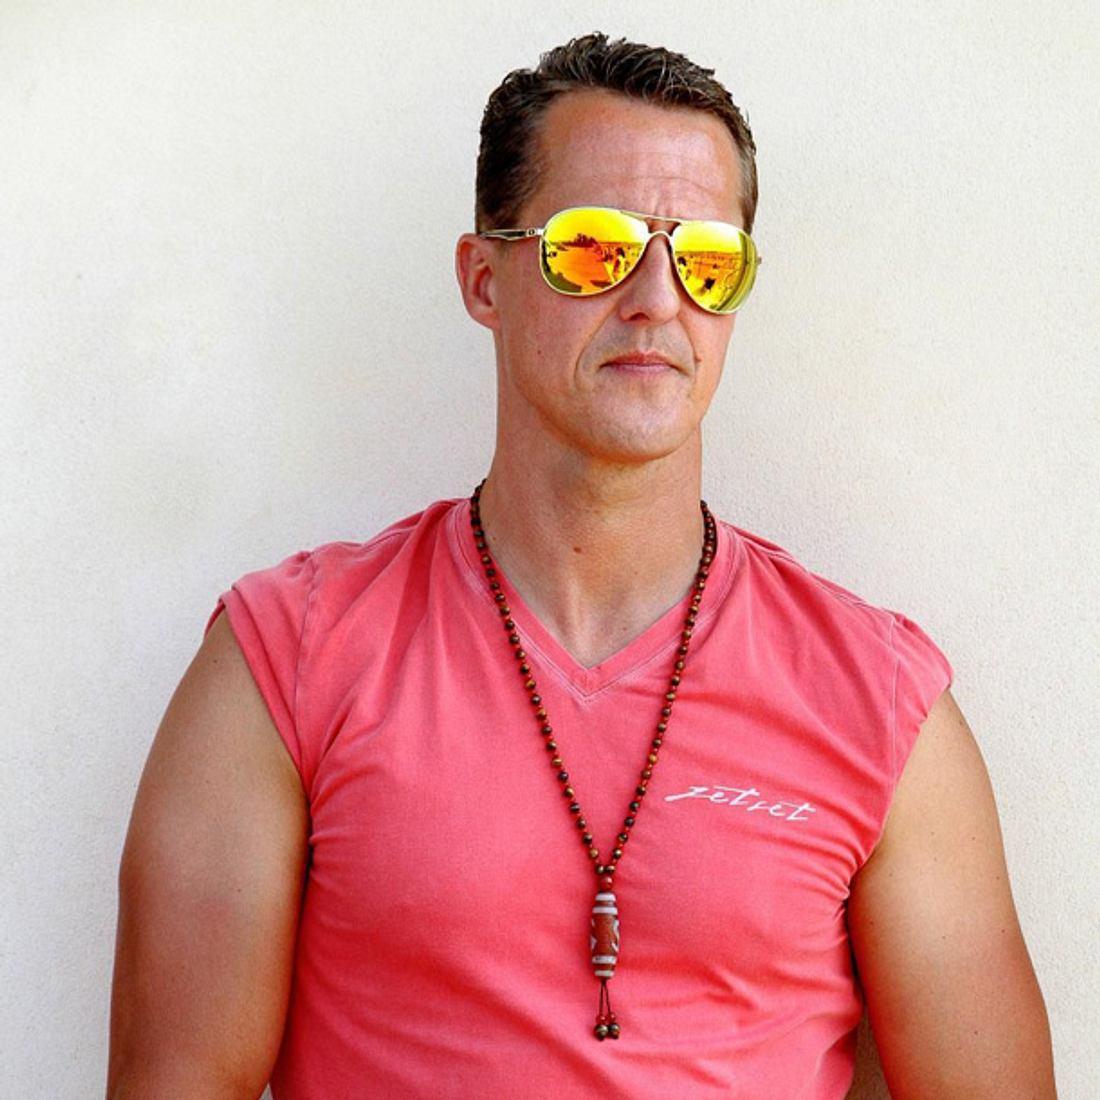 Wie geht es Michael Schumacher?